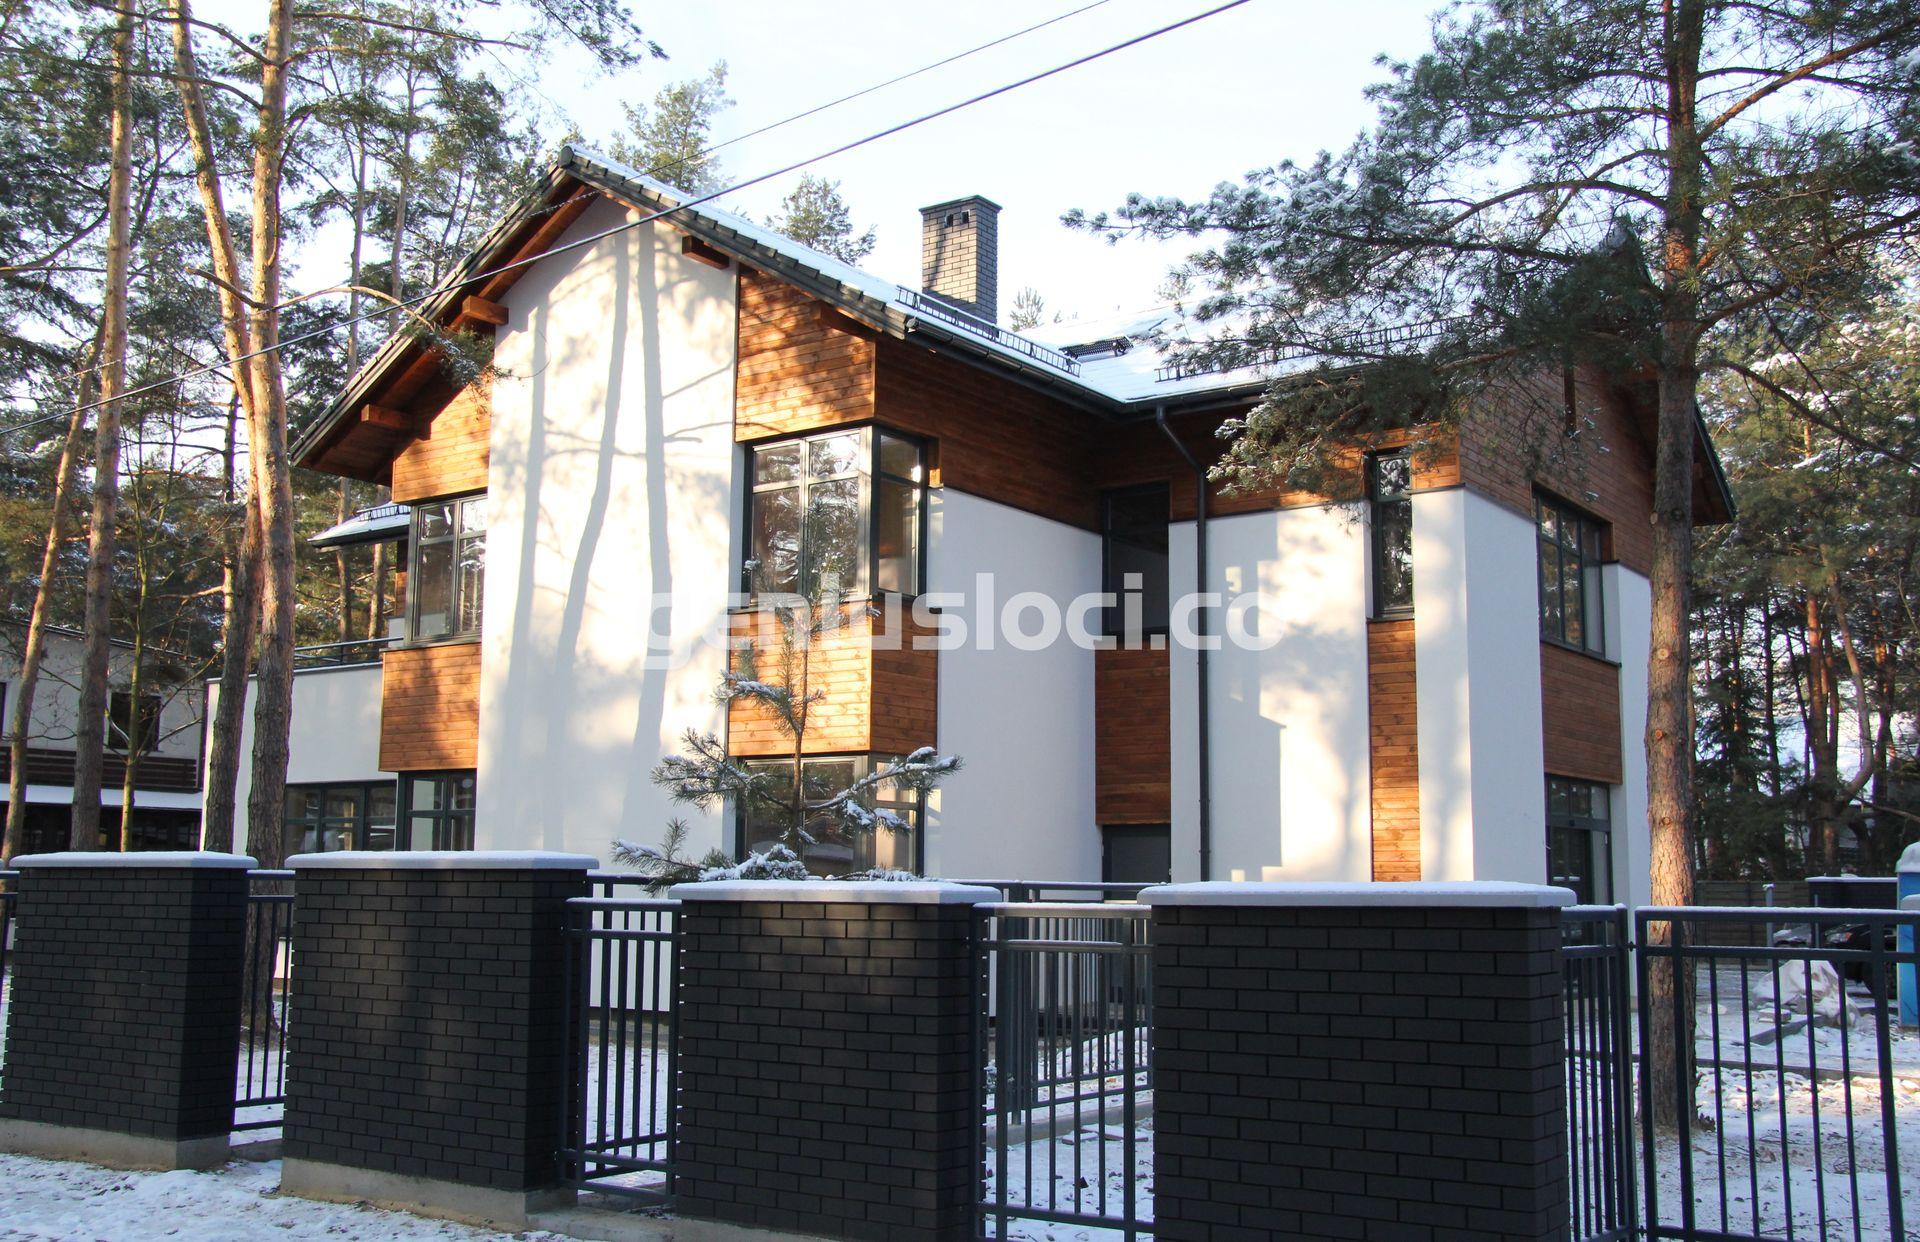 Dom przy ulicy Piaskowej wJózefowie